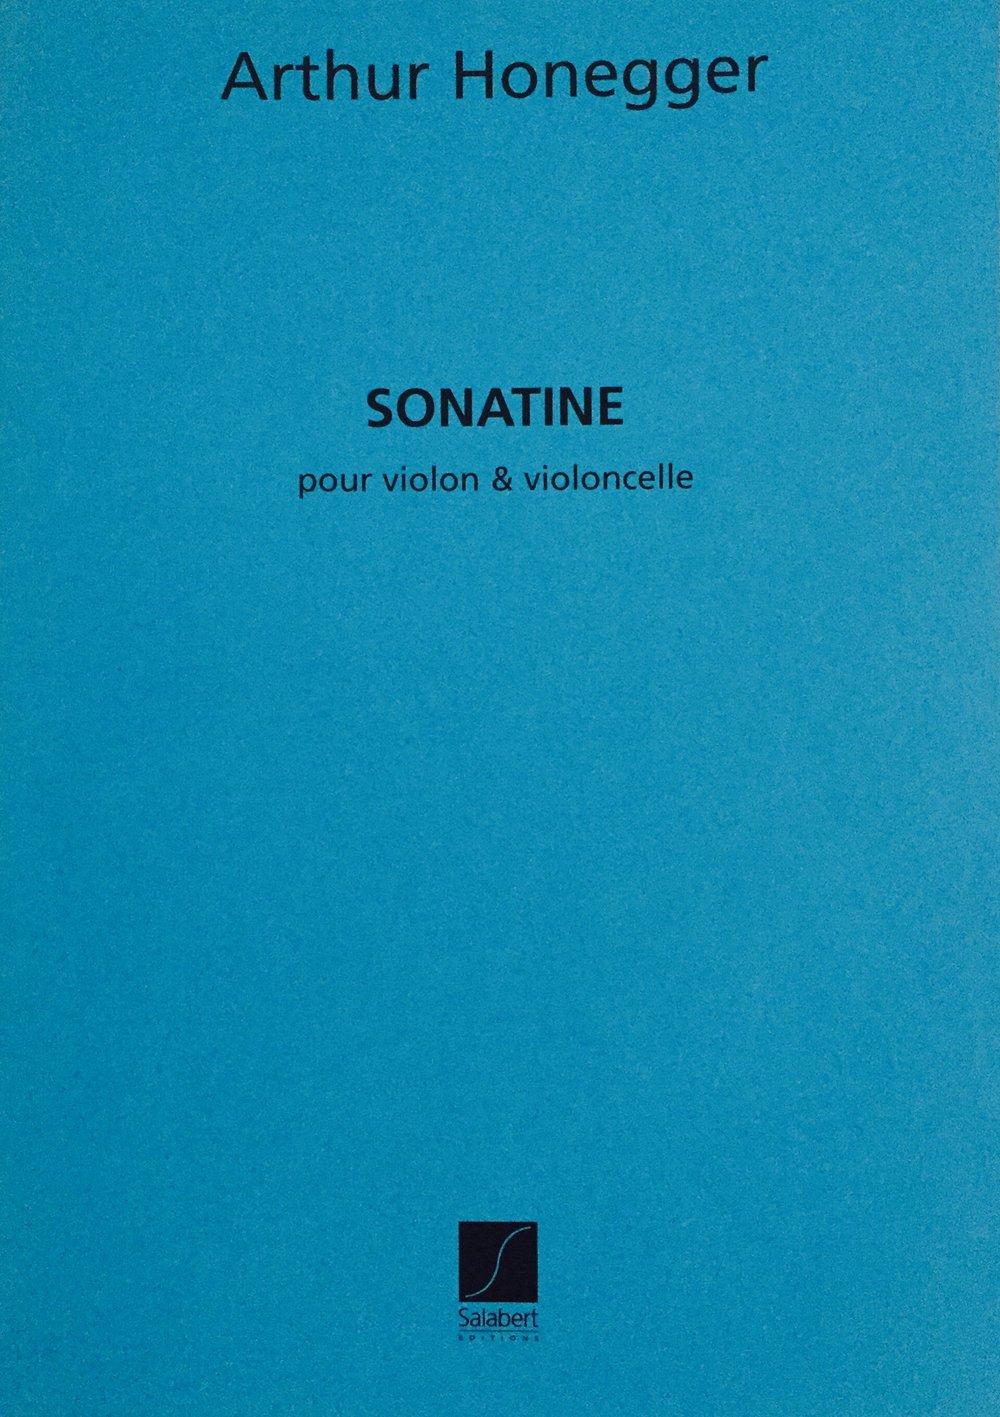 A. HONEGGER (1892 - 1955)   Sonatine pour violon et violoncelle   Allegro Andante Allegro - prestissimo